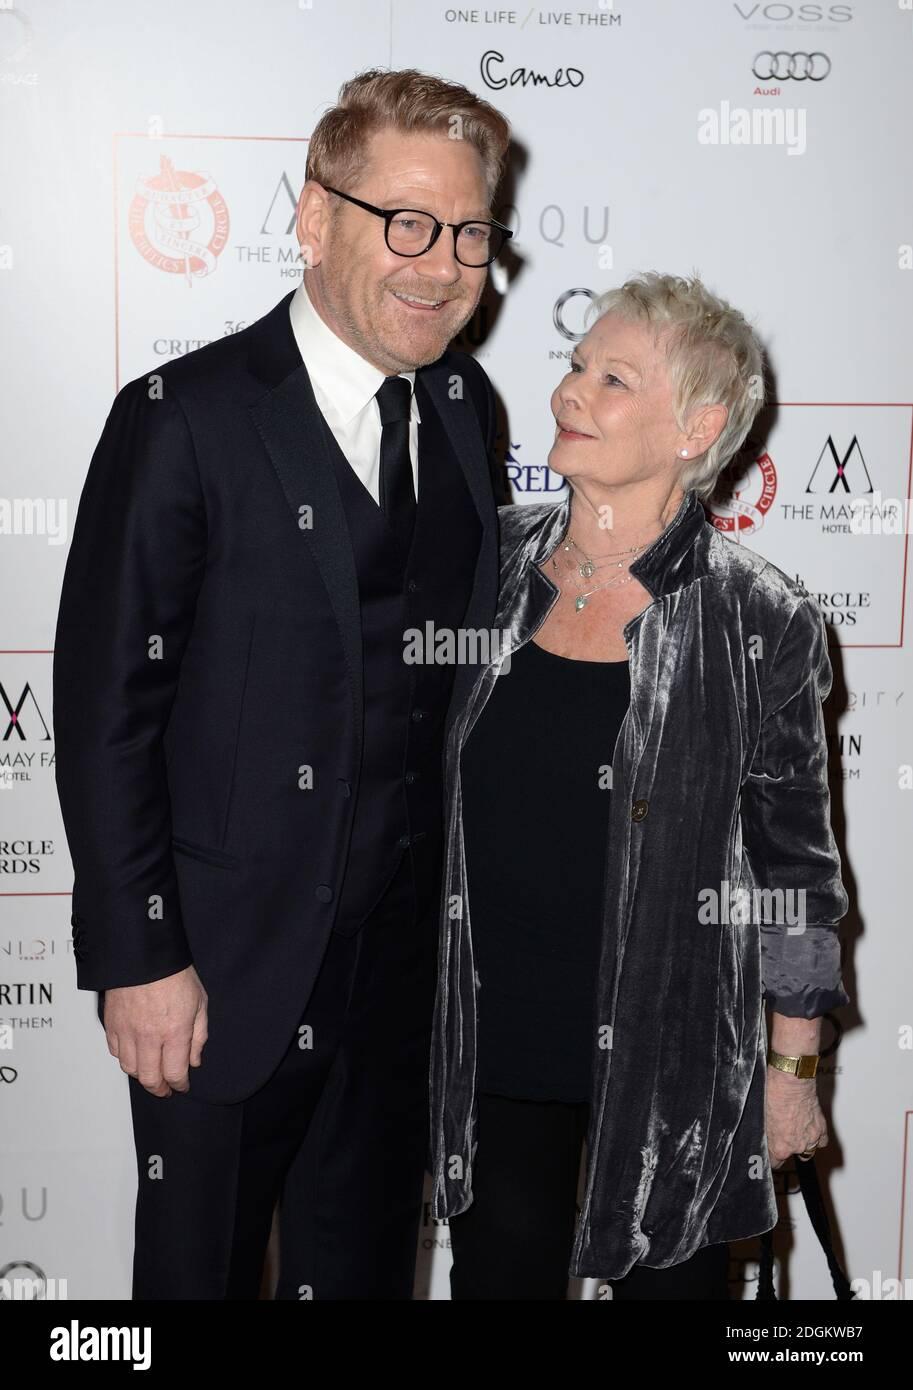 Kenneth Branagh und Dame Judi Dench bei der Ankunft bei den Critics Circle Film Awards 2016, The May Fair Hotel, London. Stockfoto